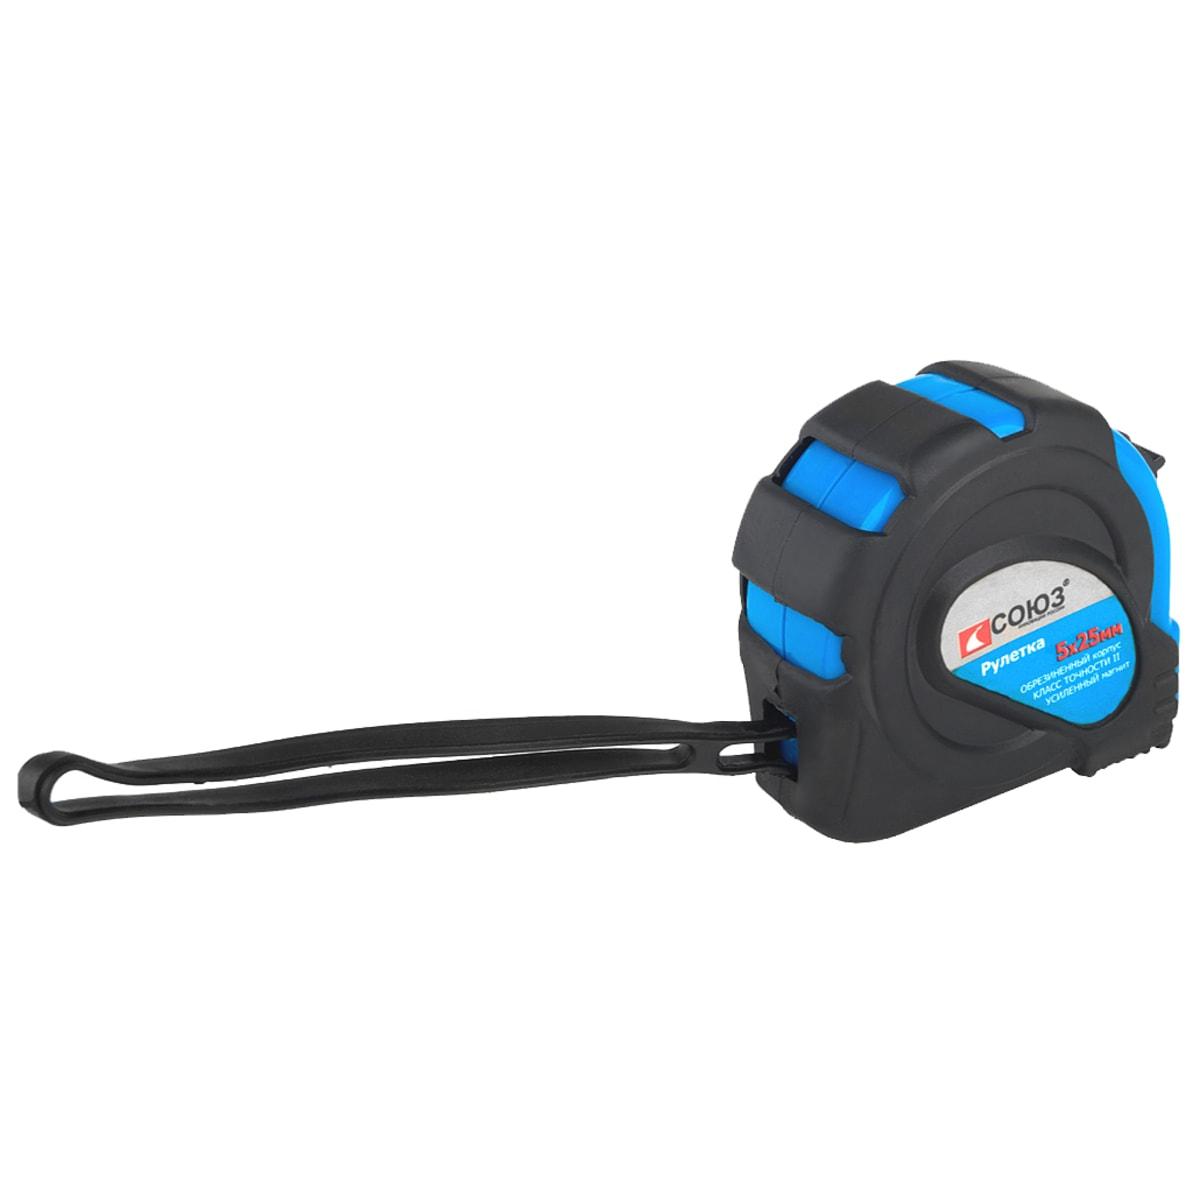 Карманная рулетка СОЮЗ 21525 5х25мм в обрезиненный корпус с усиленным магнитом